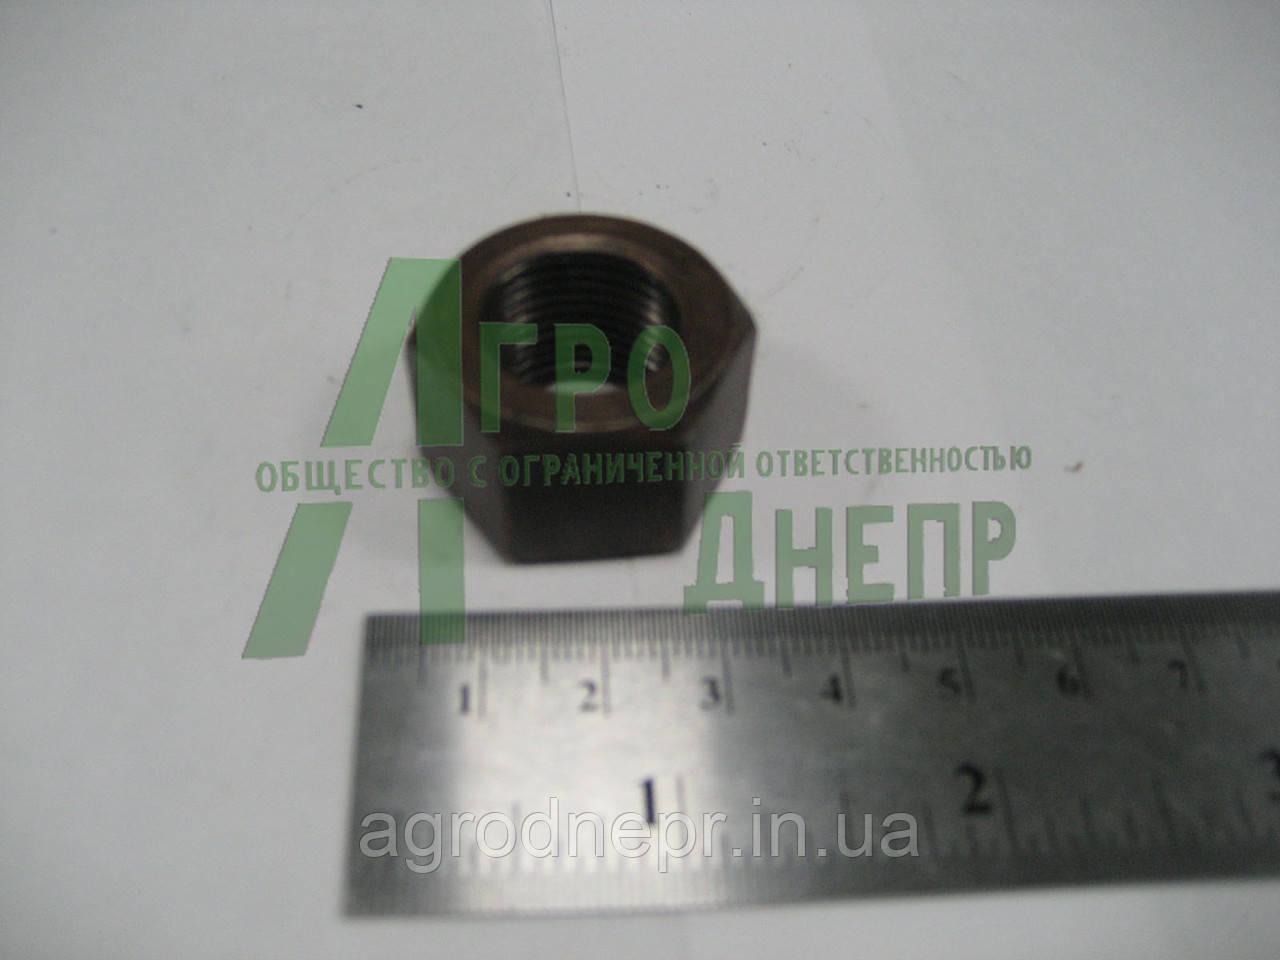 Гайка крышки подшипника Д65-01-019 ЮМЗ